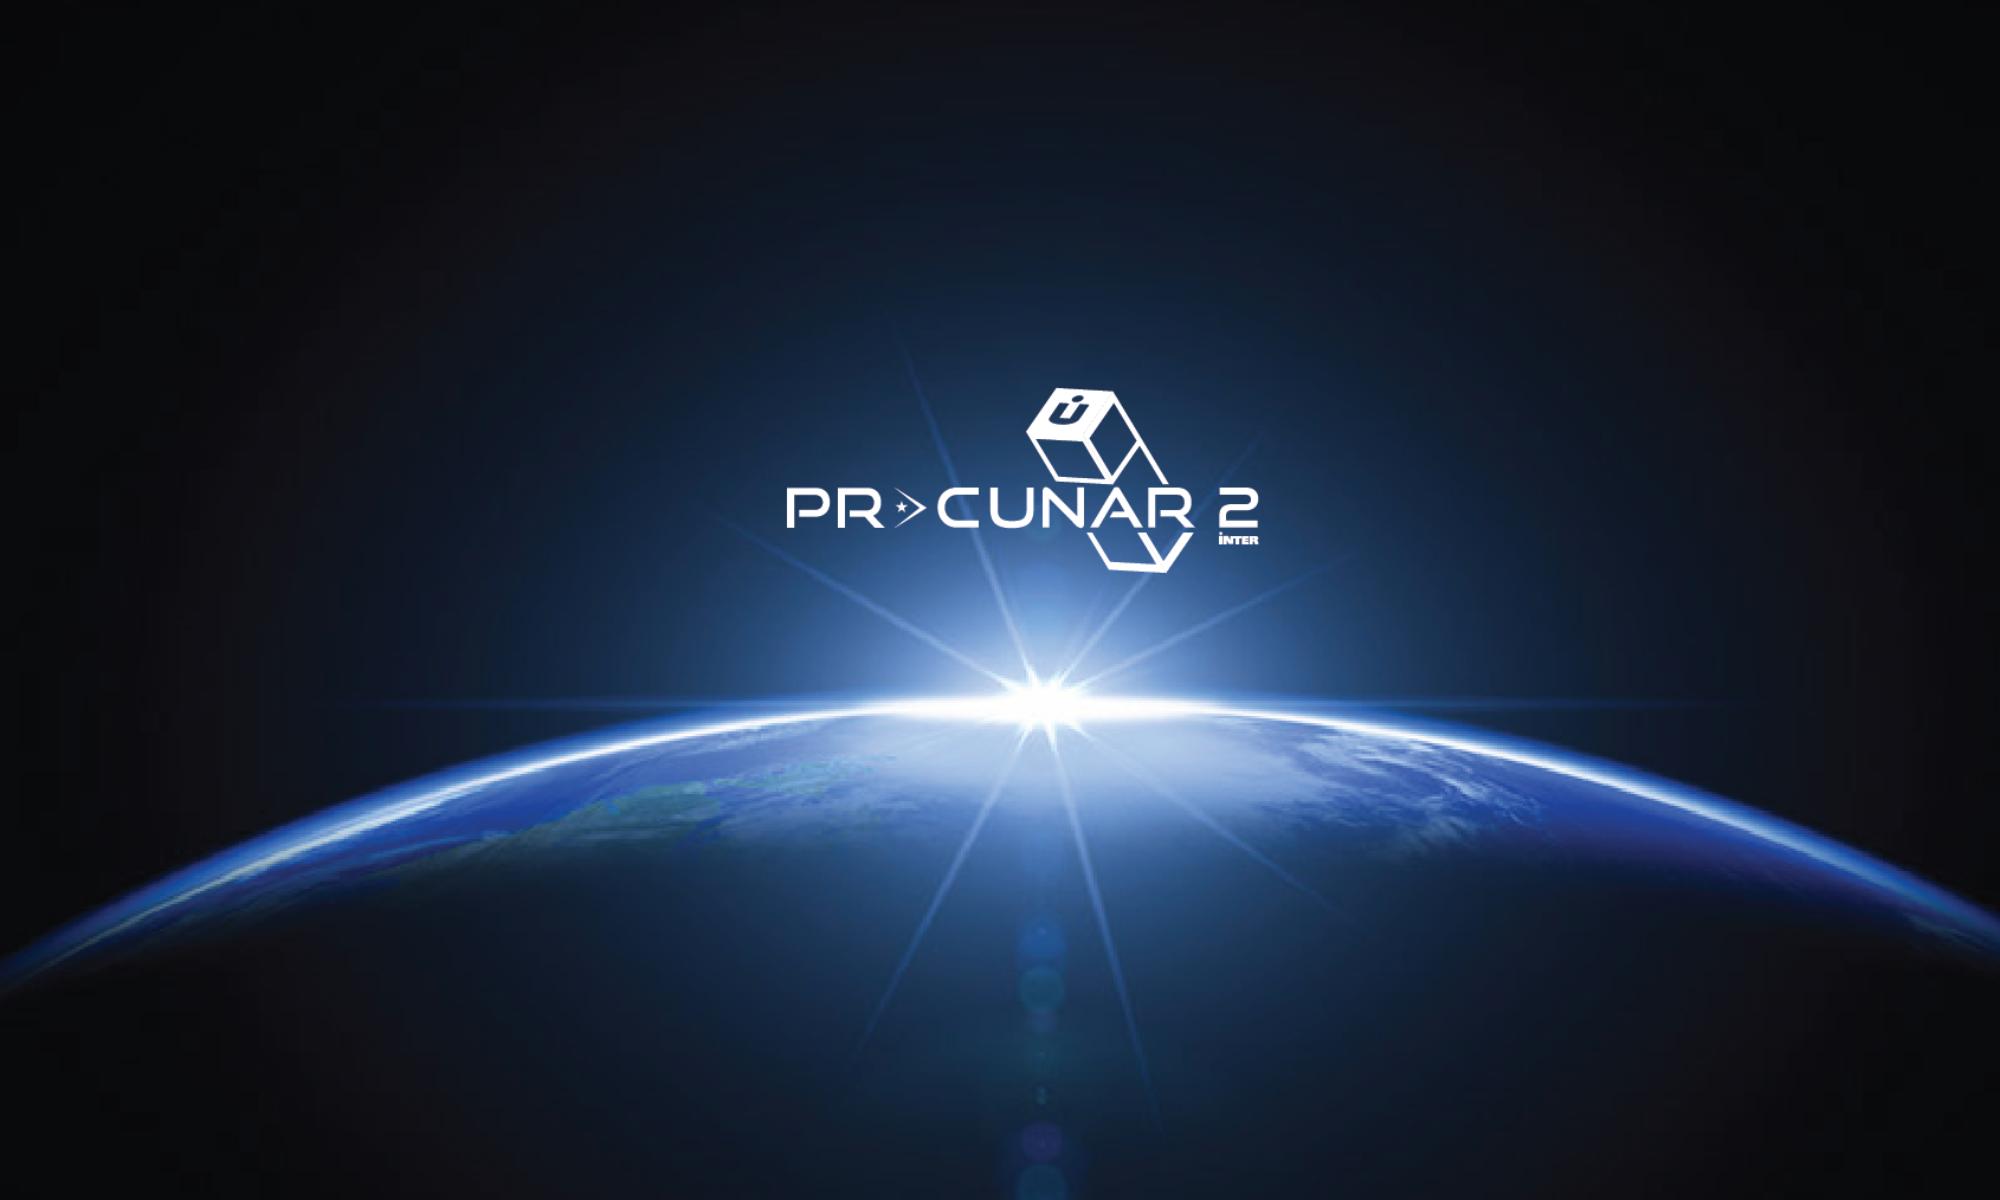 PR-CUNAR 2